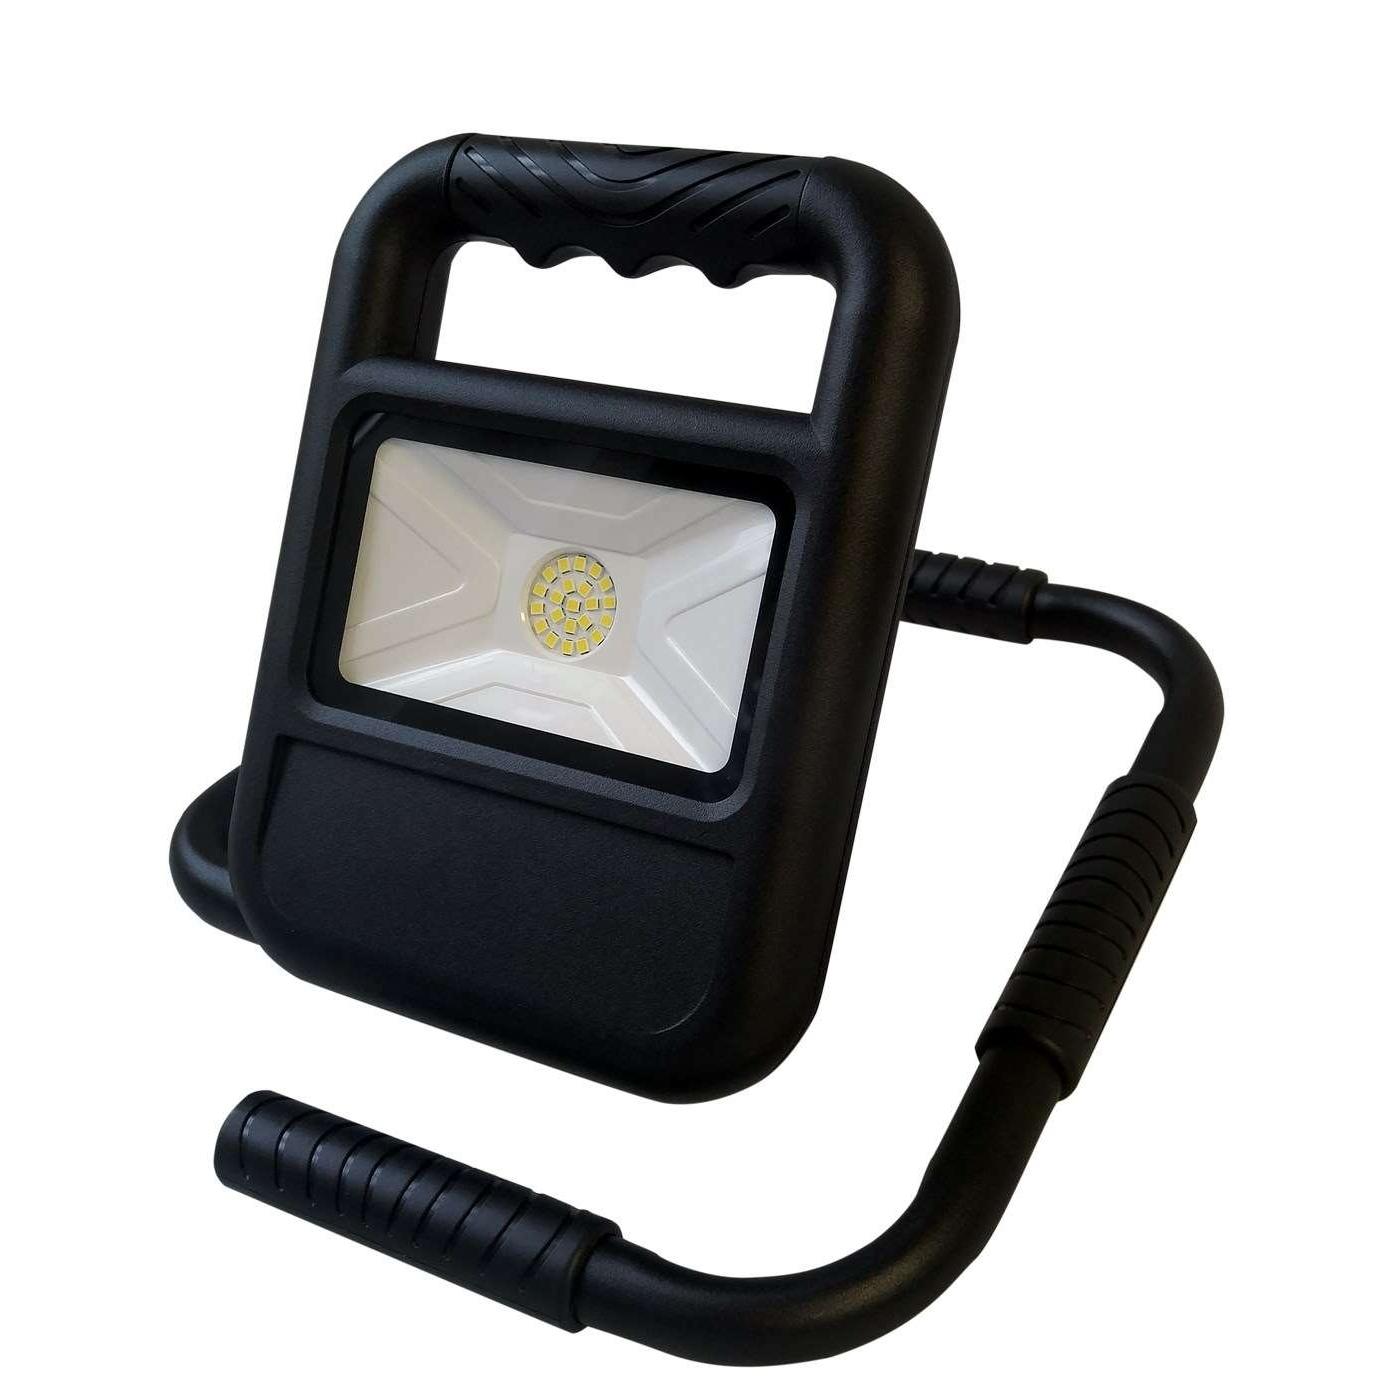 Bateriový přenosný LED reflektor SMD BATTERY 20W NW 1400lm - Greenlux (GXLR002)